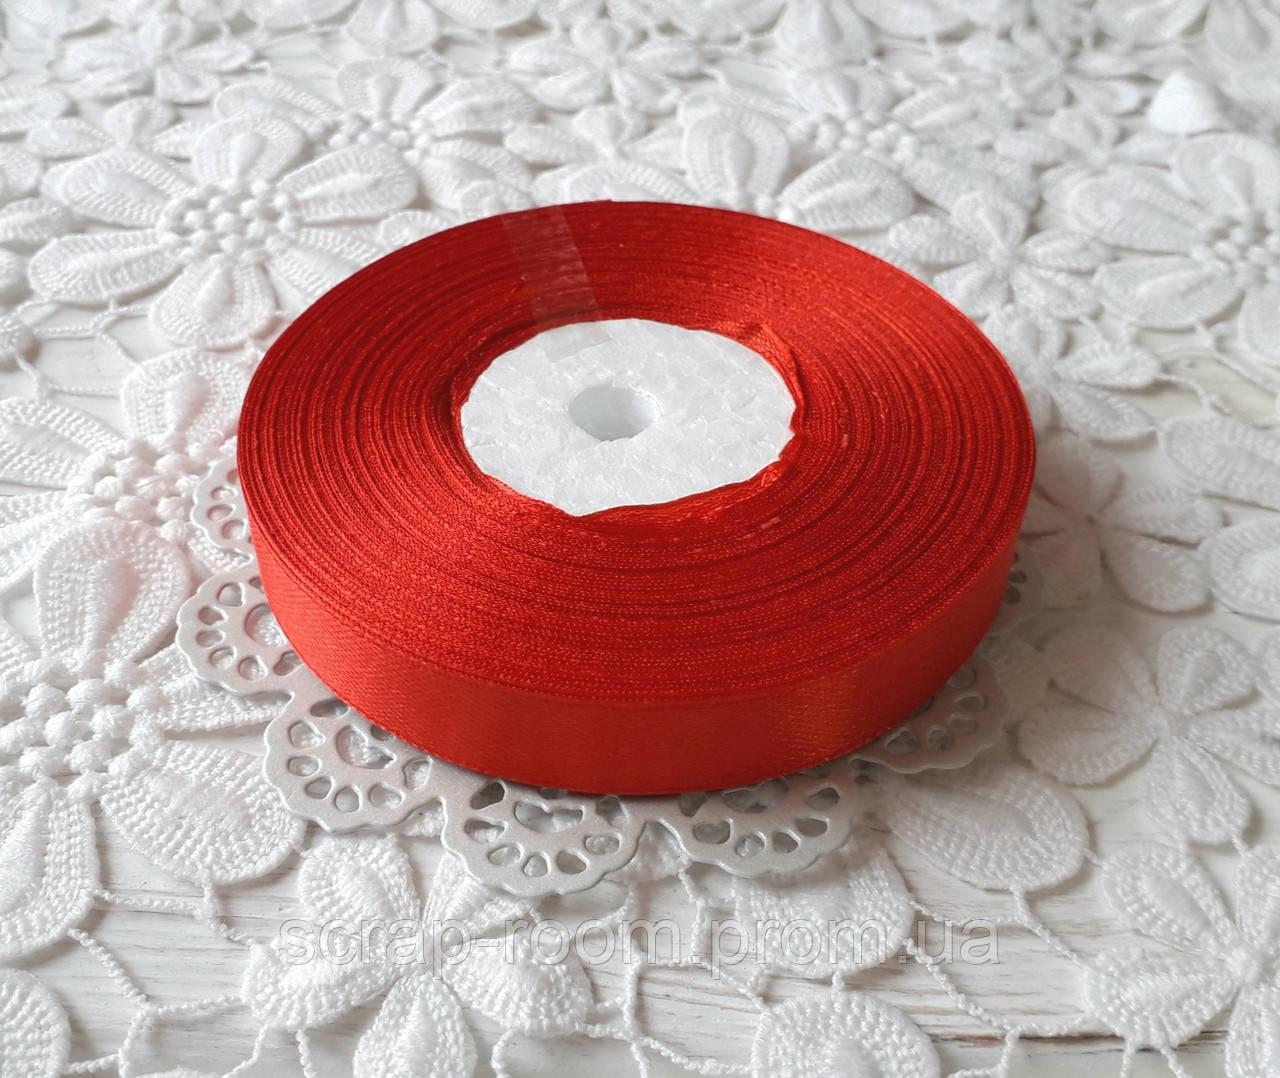 Лента атласная 1,2 см  красная, лента цвет красный атлас, лента атласная красная, цена за метр